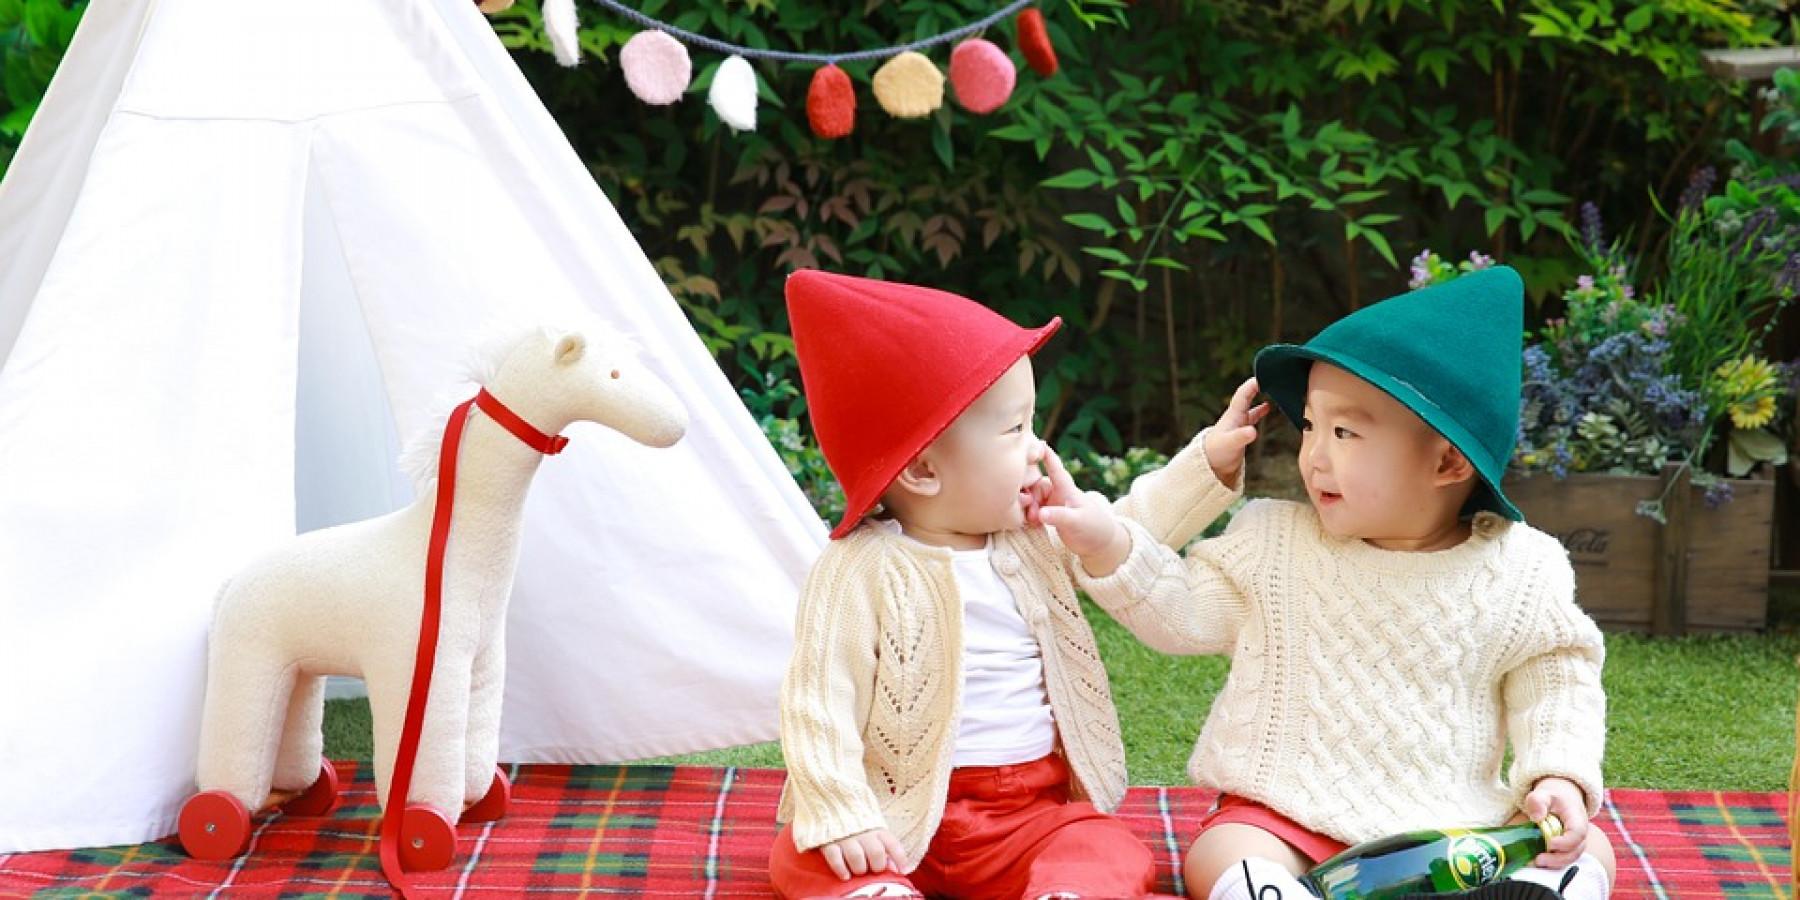 Flüchtlinge laden zum Gartenpicknick ein